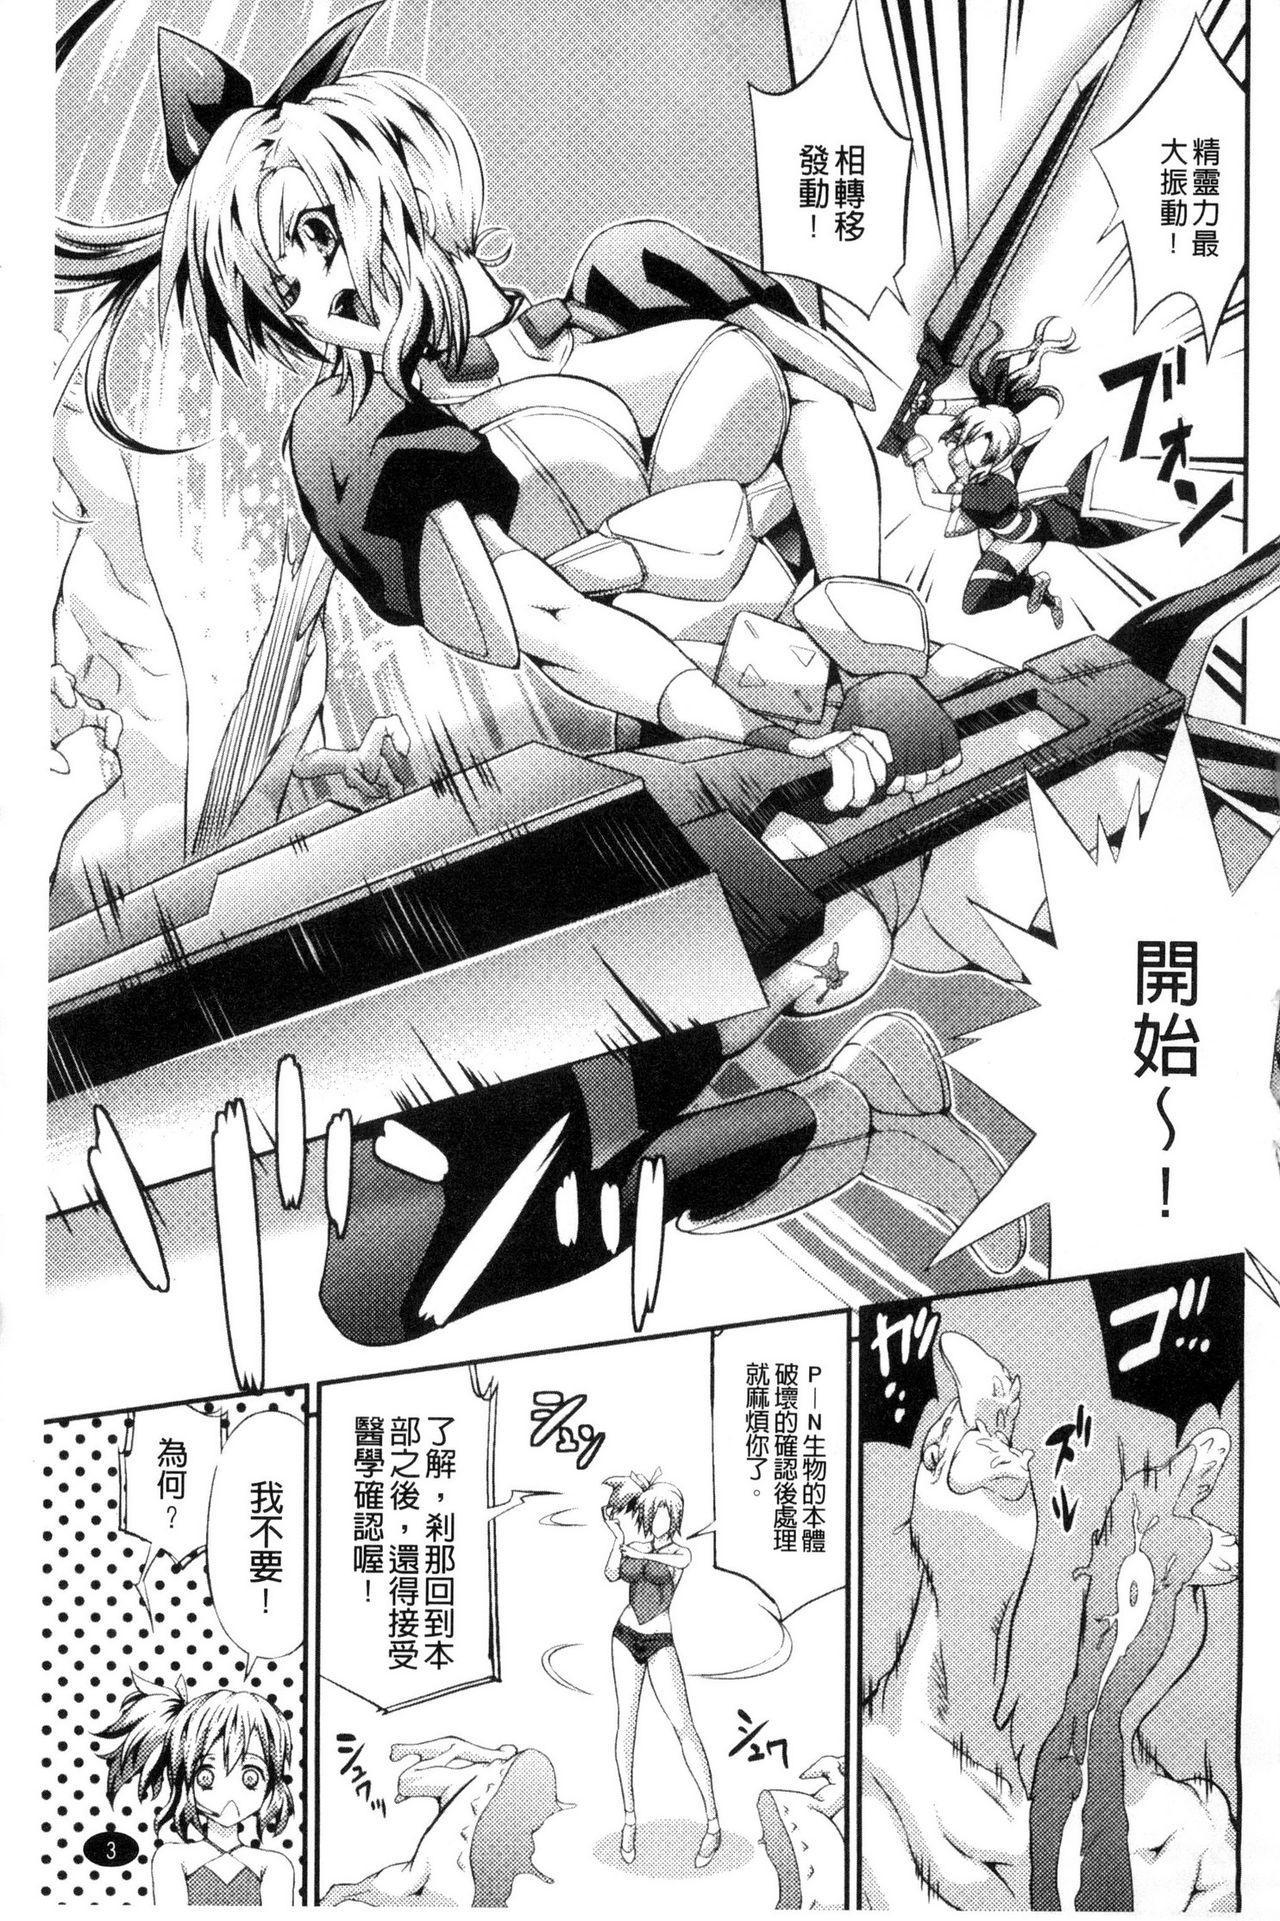 Busou Senki 7